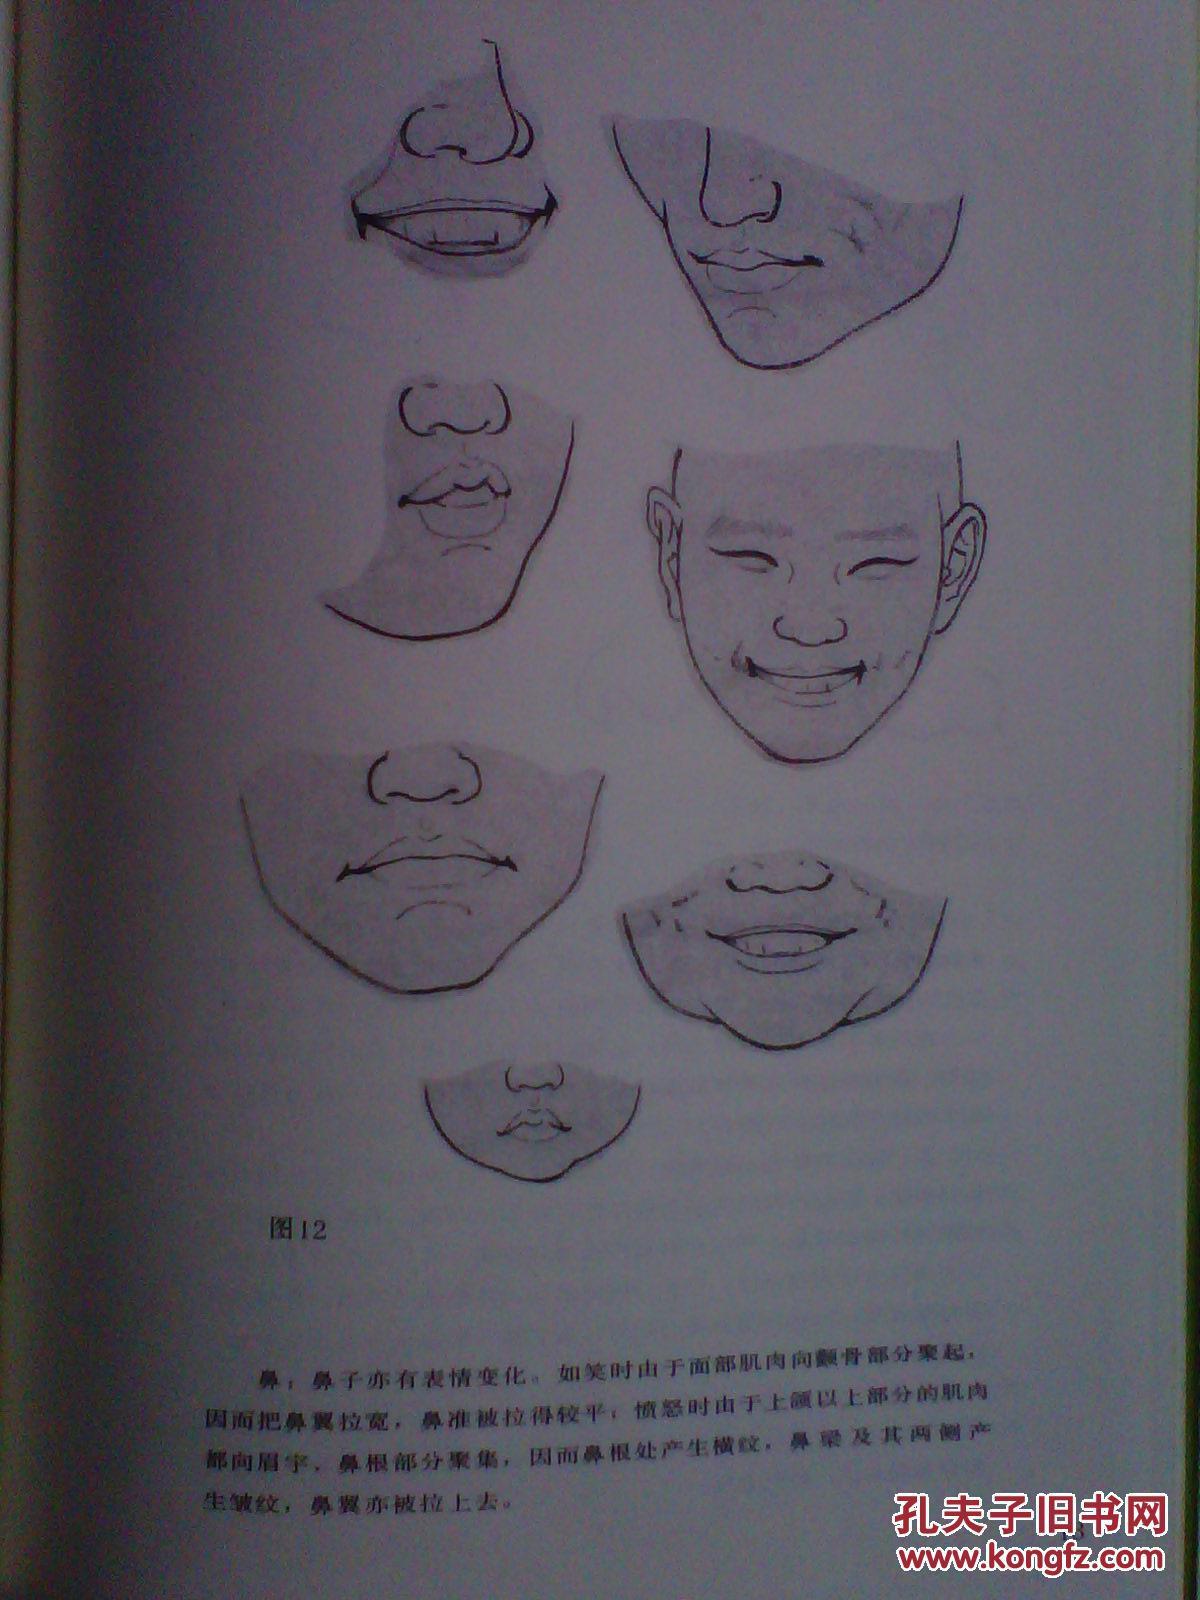 【图】美术技法大全 工笔重彩人物画图片